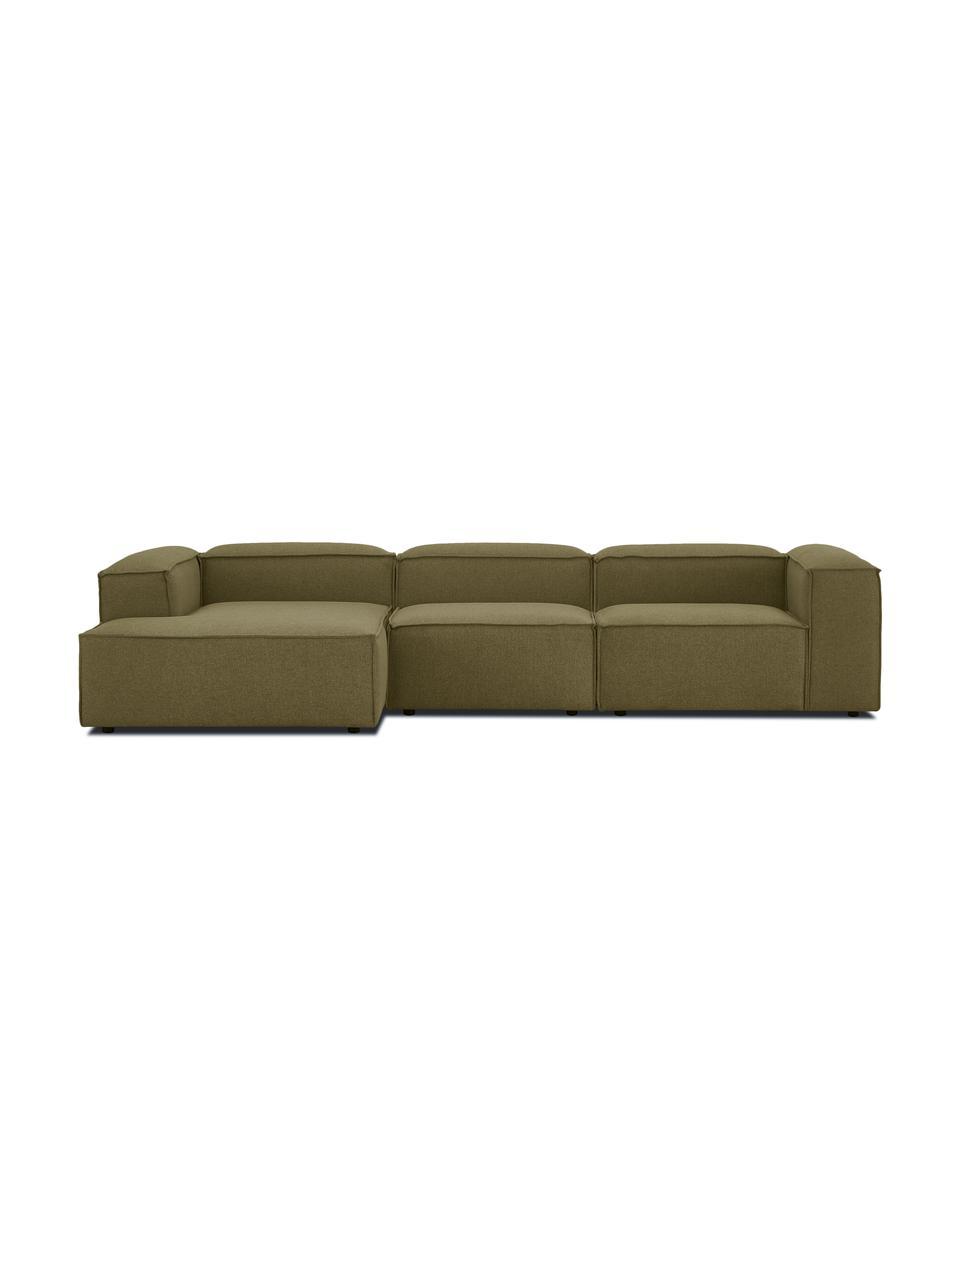 Narożna sofa modułowa Lennon, Tapicerka: 100% poliester Dzięki tka, Stelaż: lite drewno sosnowe, skle, Nogi: tworzywo sztuczne Nogi zn, Zielony, S 327 x G 180 cm